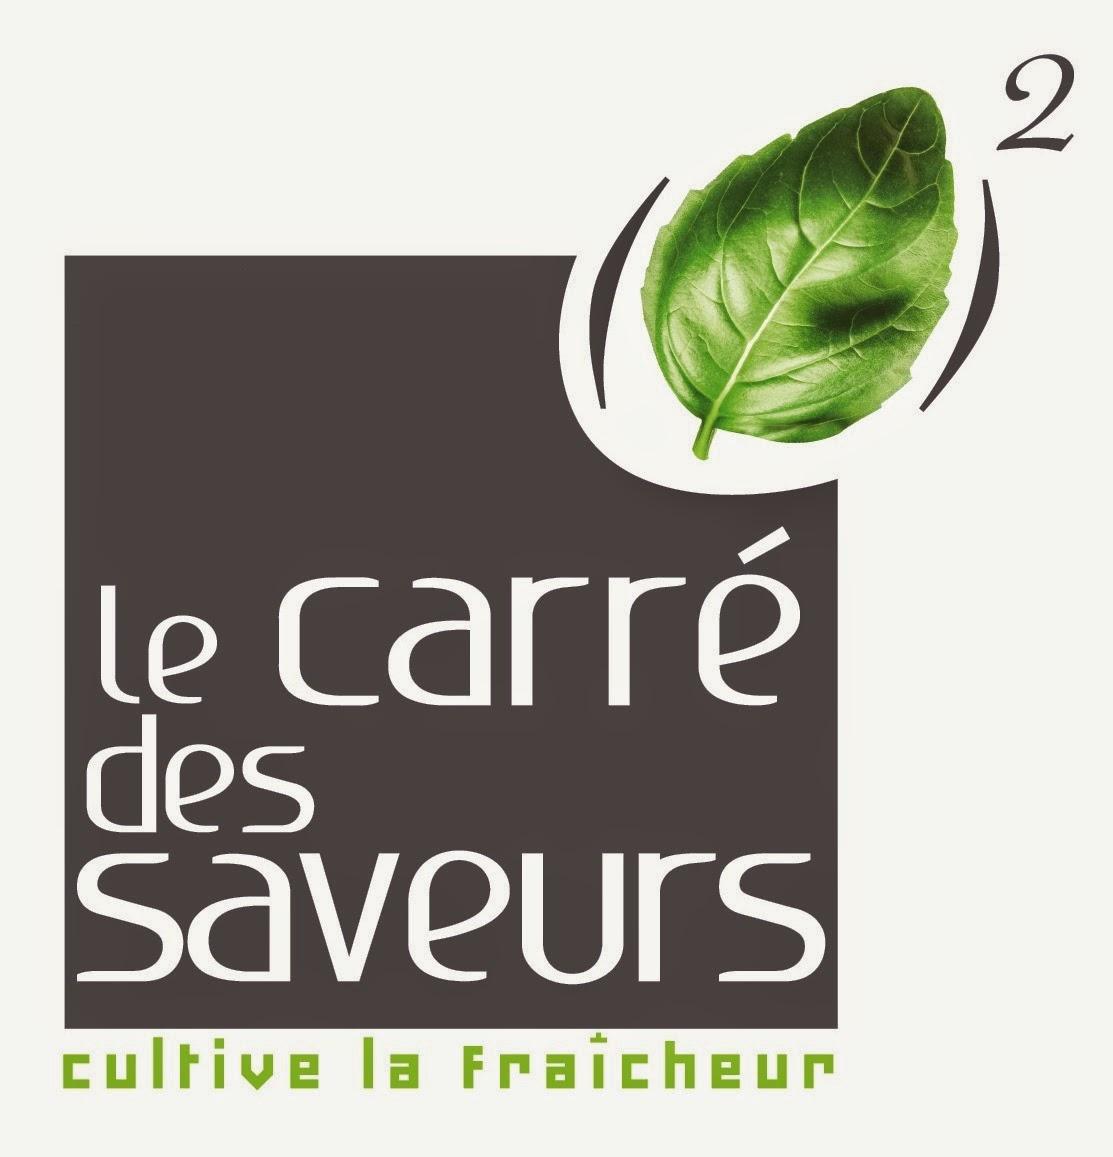 http://www.le-carre-des-saveurs.com/